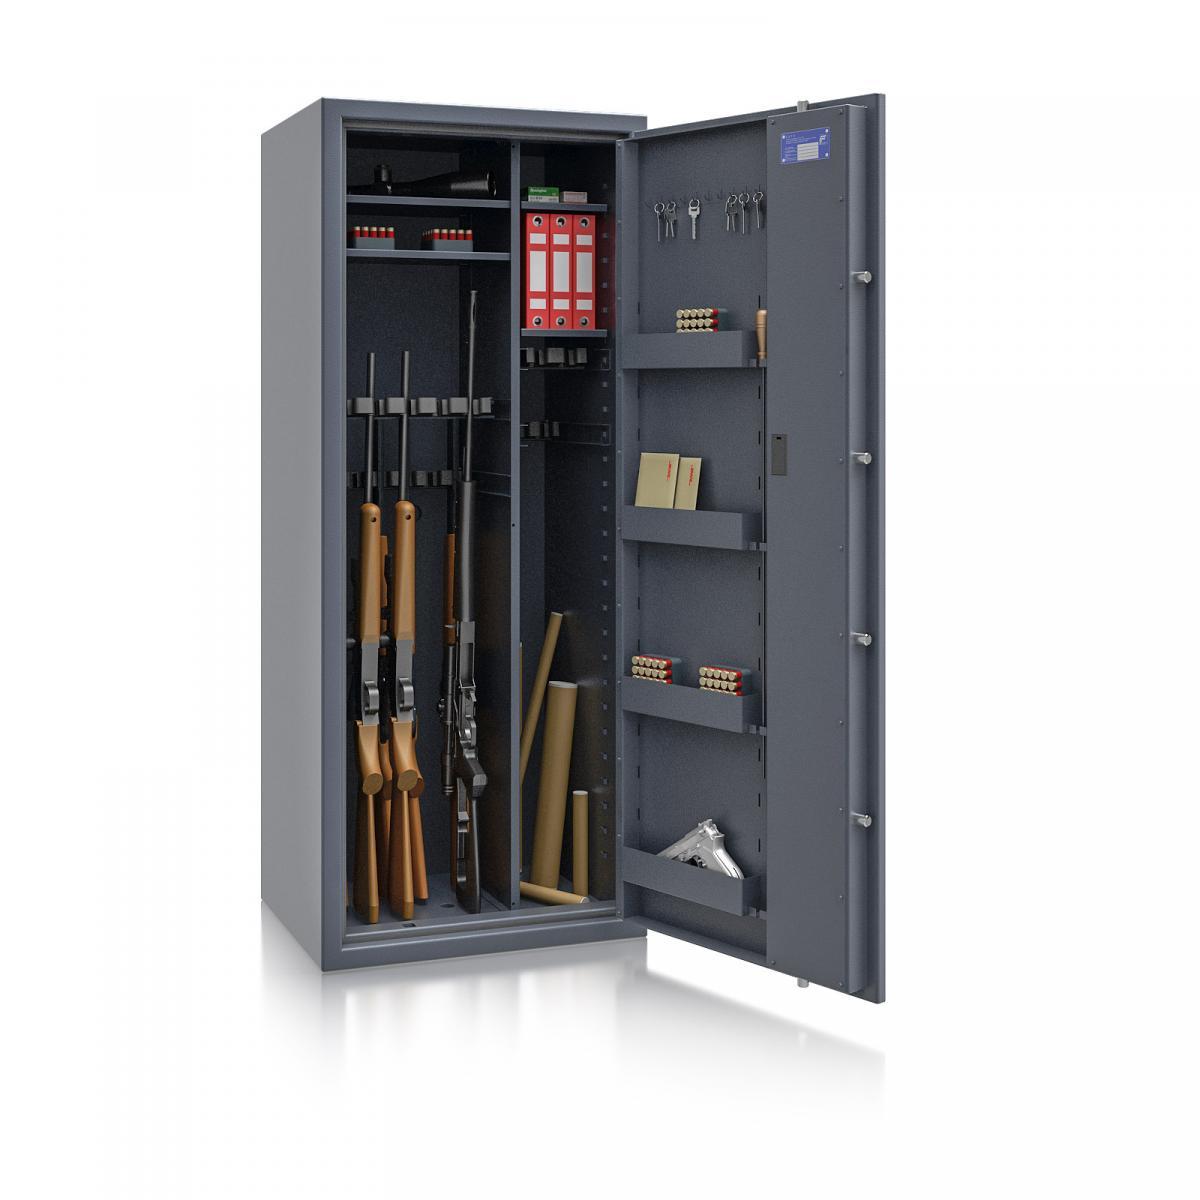 Waffenschrank Luzern WF MAX Kombi 3 - 1600x655x500 / 242kg 55634 / Klasse 0 / RAL7024 / Schlüssel / DIN R / mit Trennw.